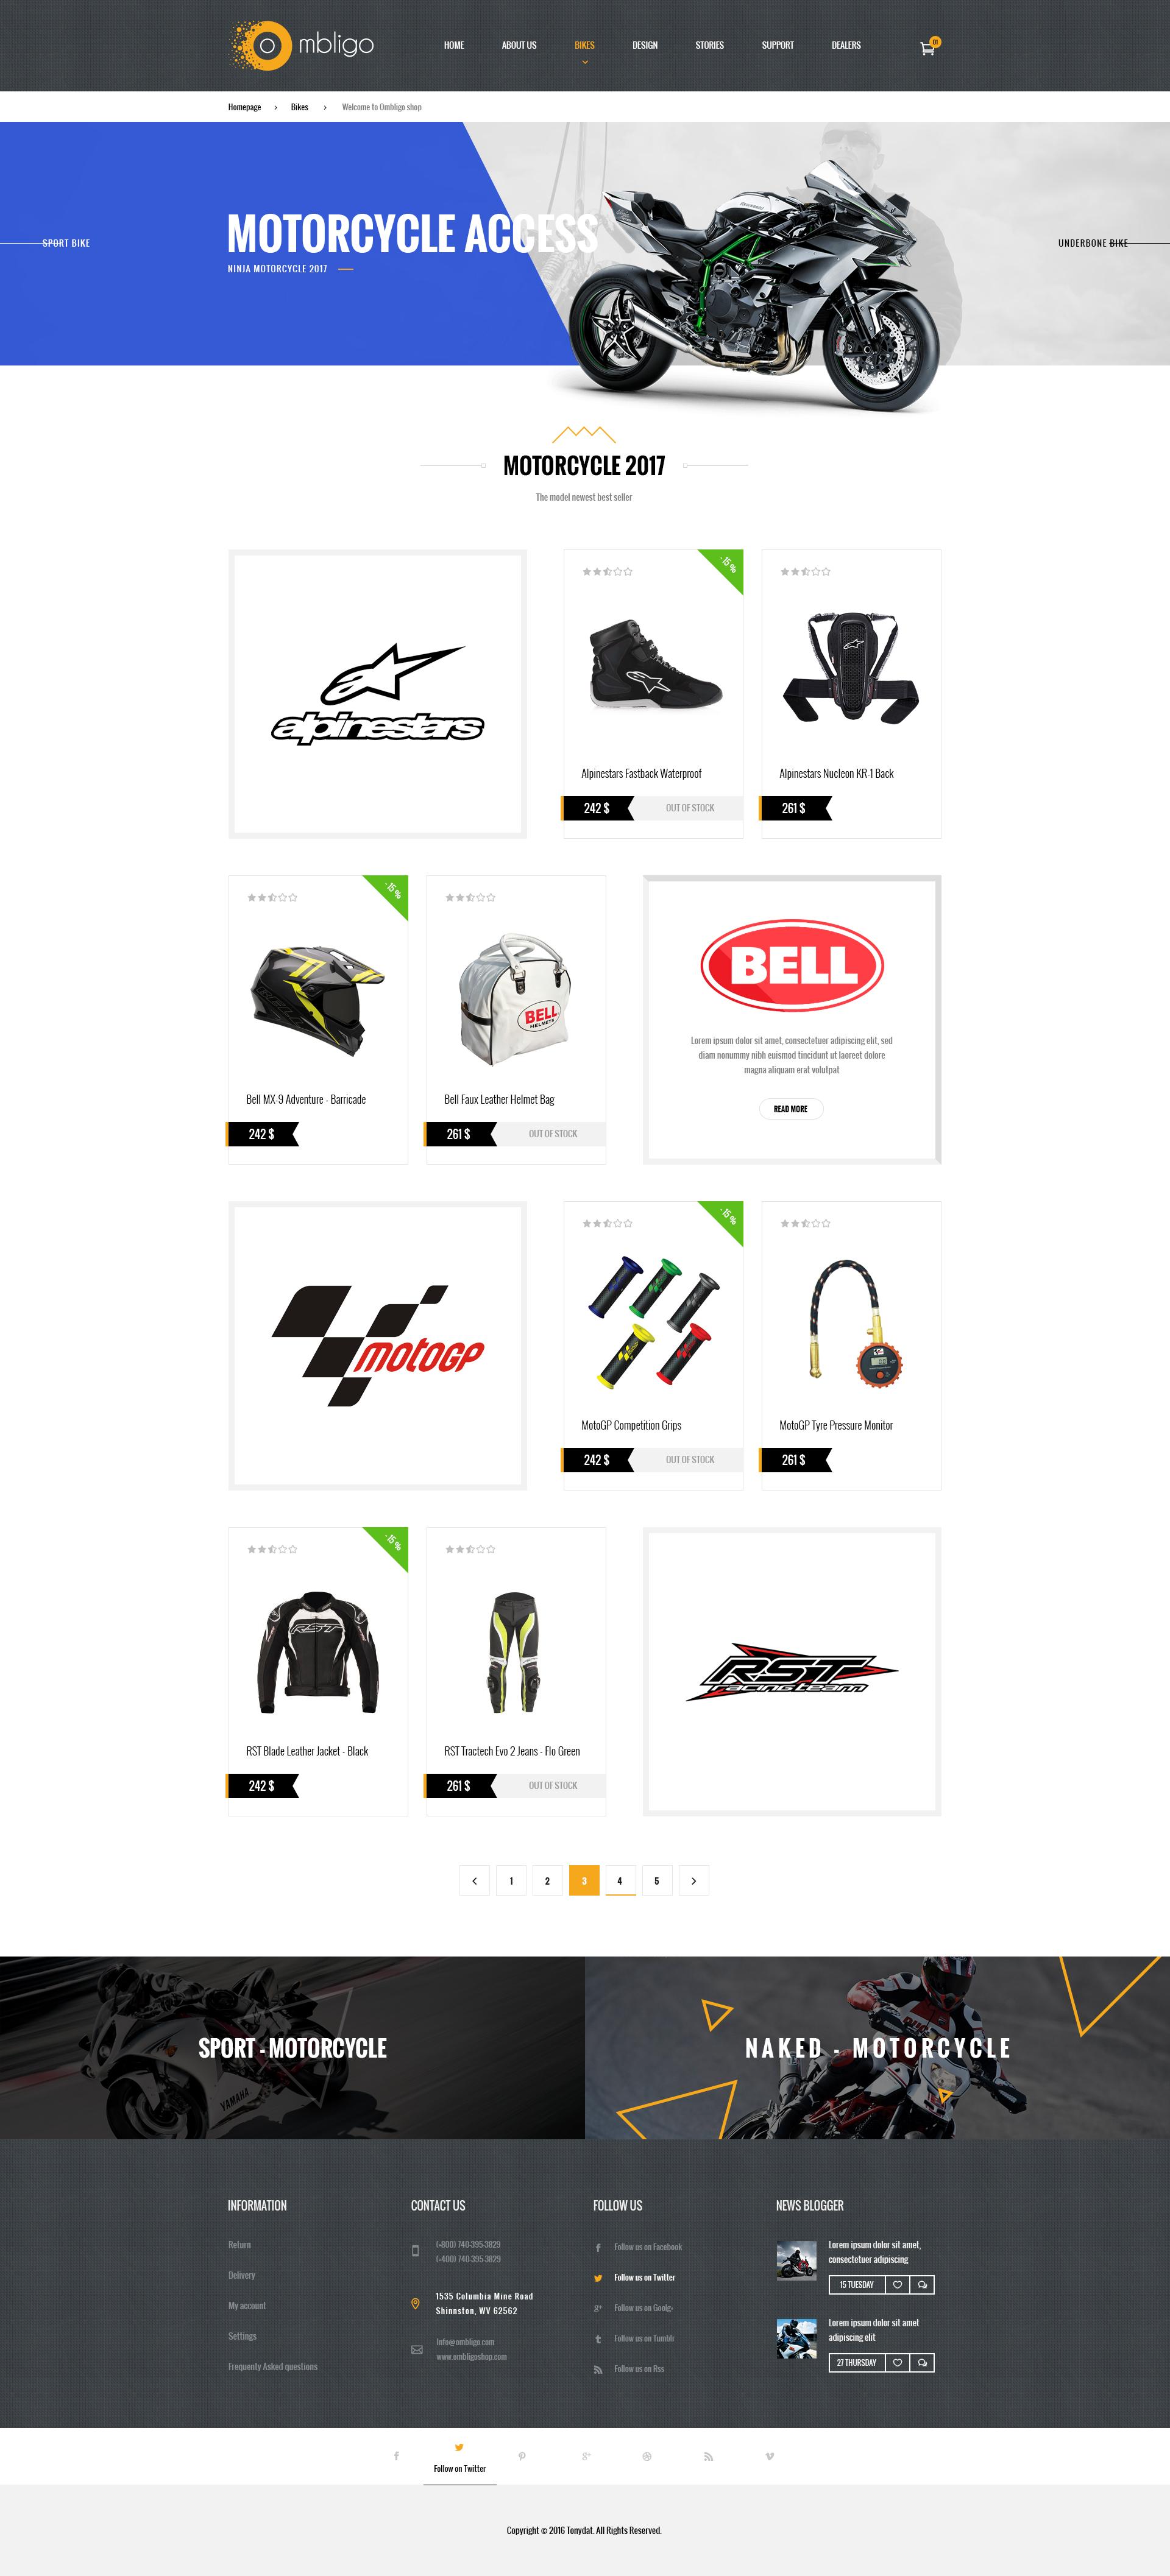 Ombligo shop multi concept motor cycle psd templates by tonydat ombligo shop multi concept motor cycle psd templates cheaphphosting Gallery